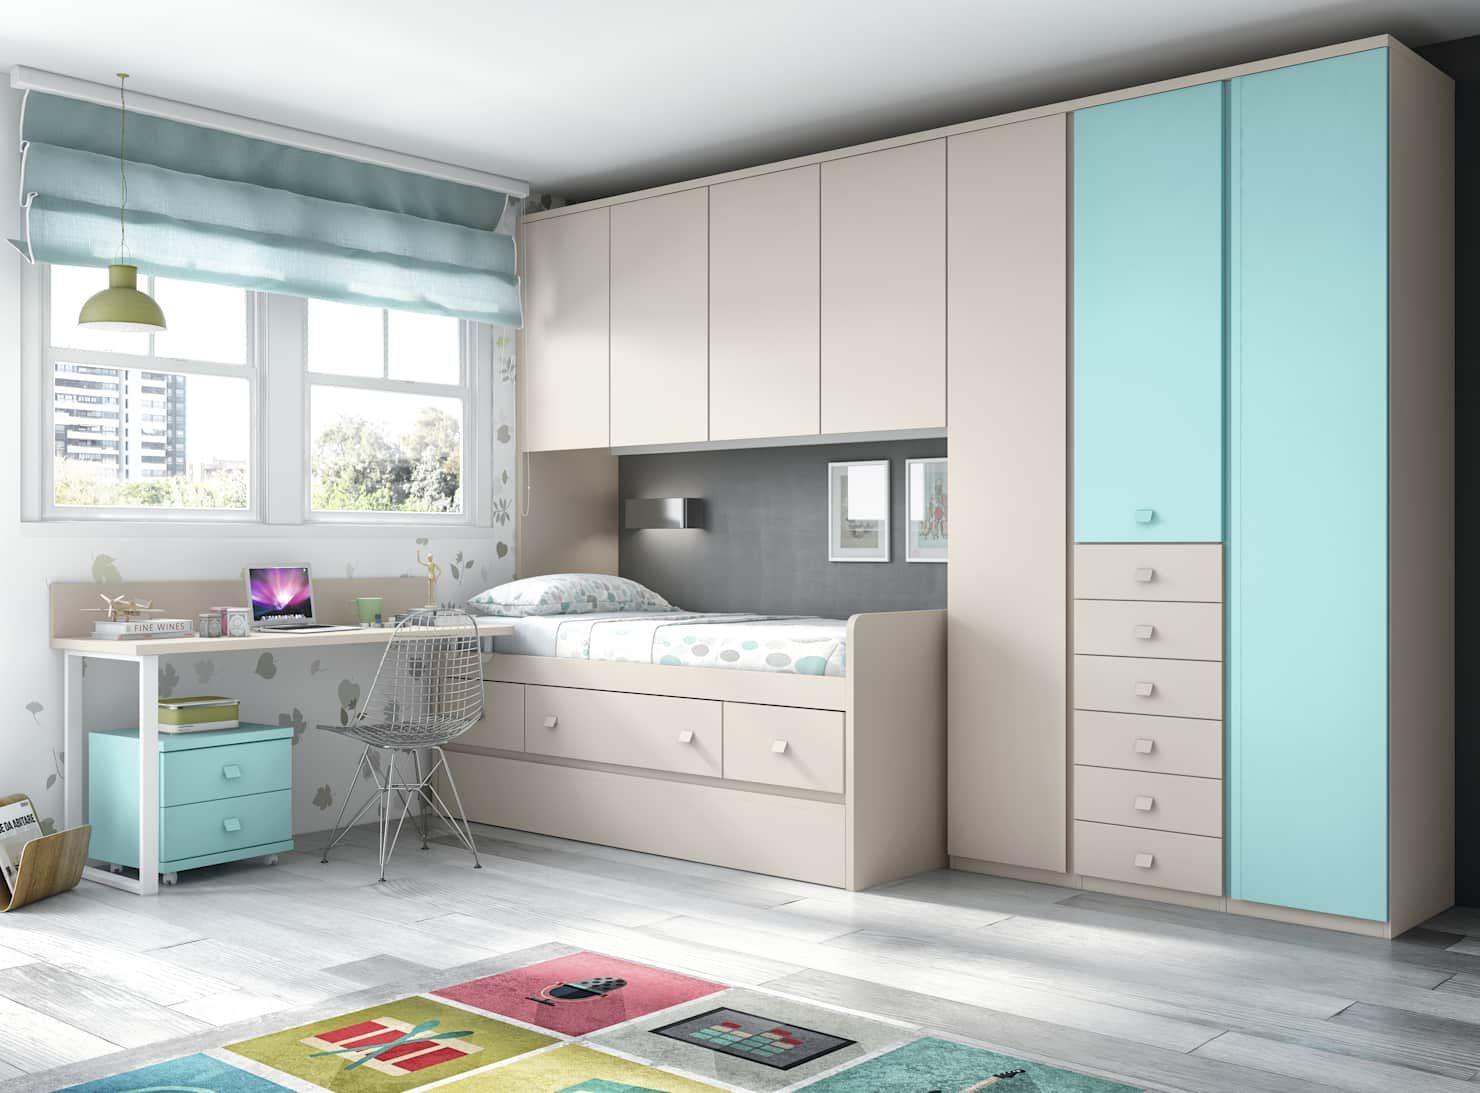 Proyectos habitaciones juveniles: dormitorios infantiles de estilo de crea y decora muebles